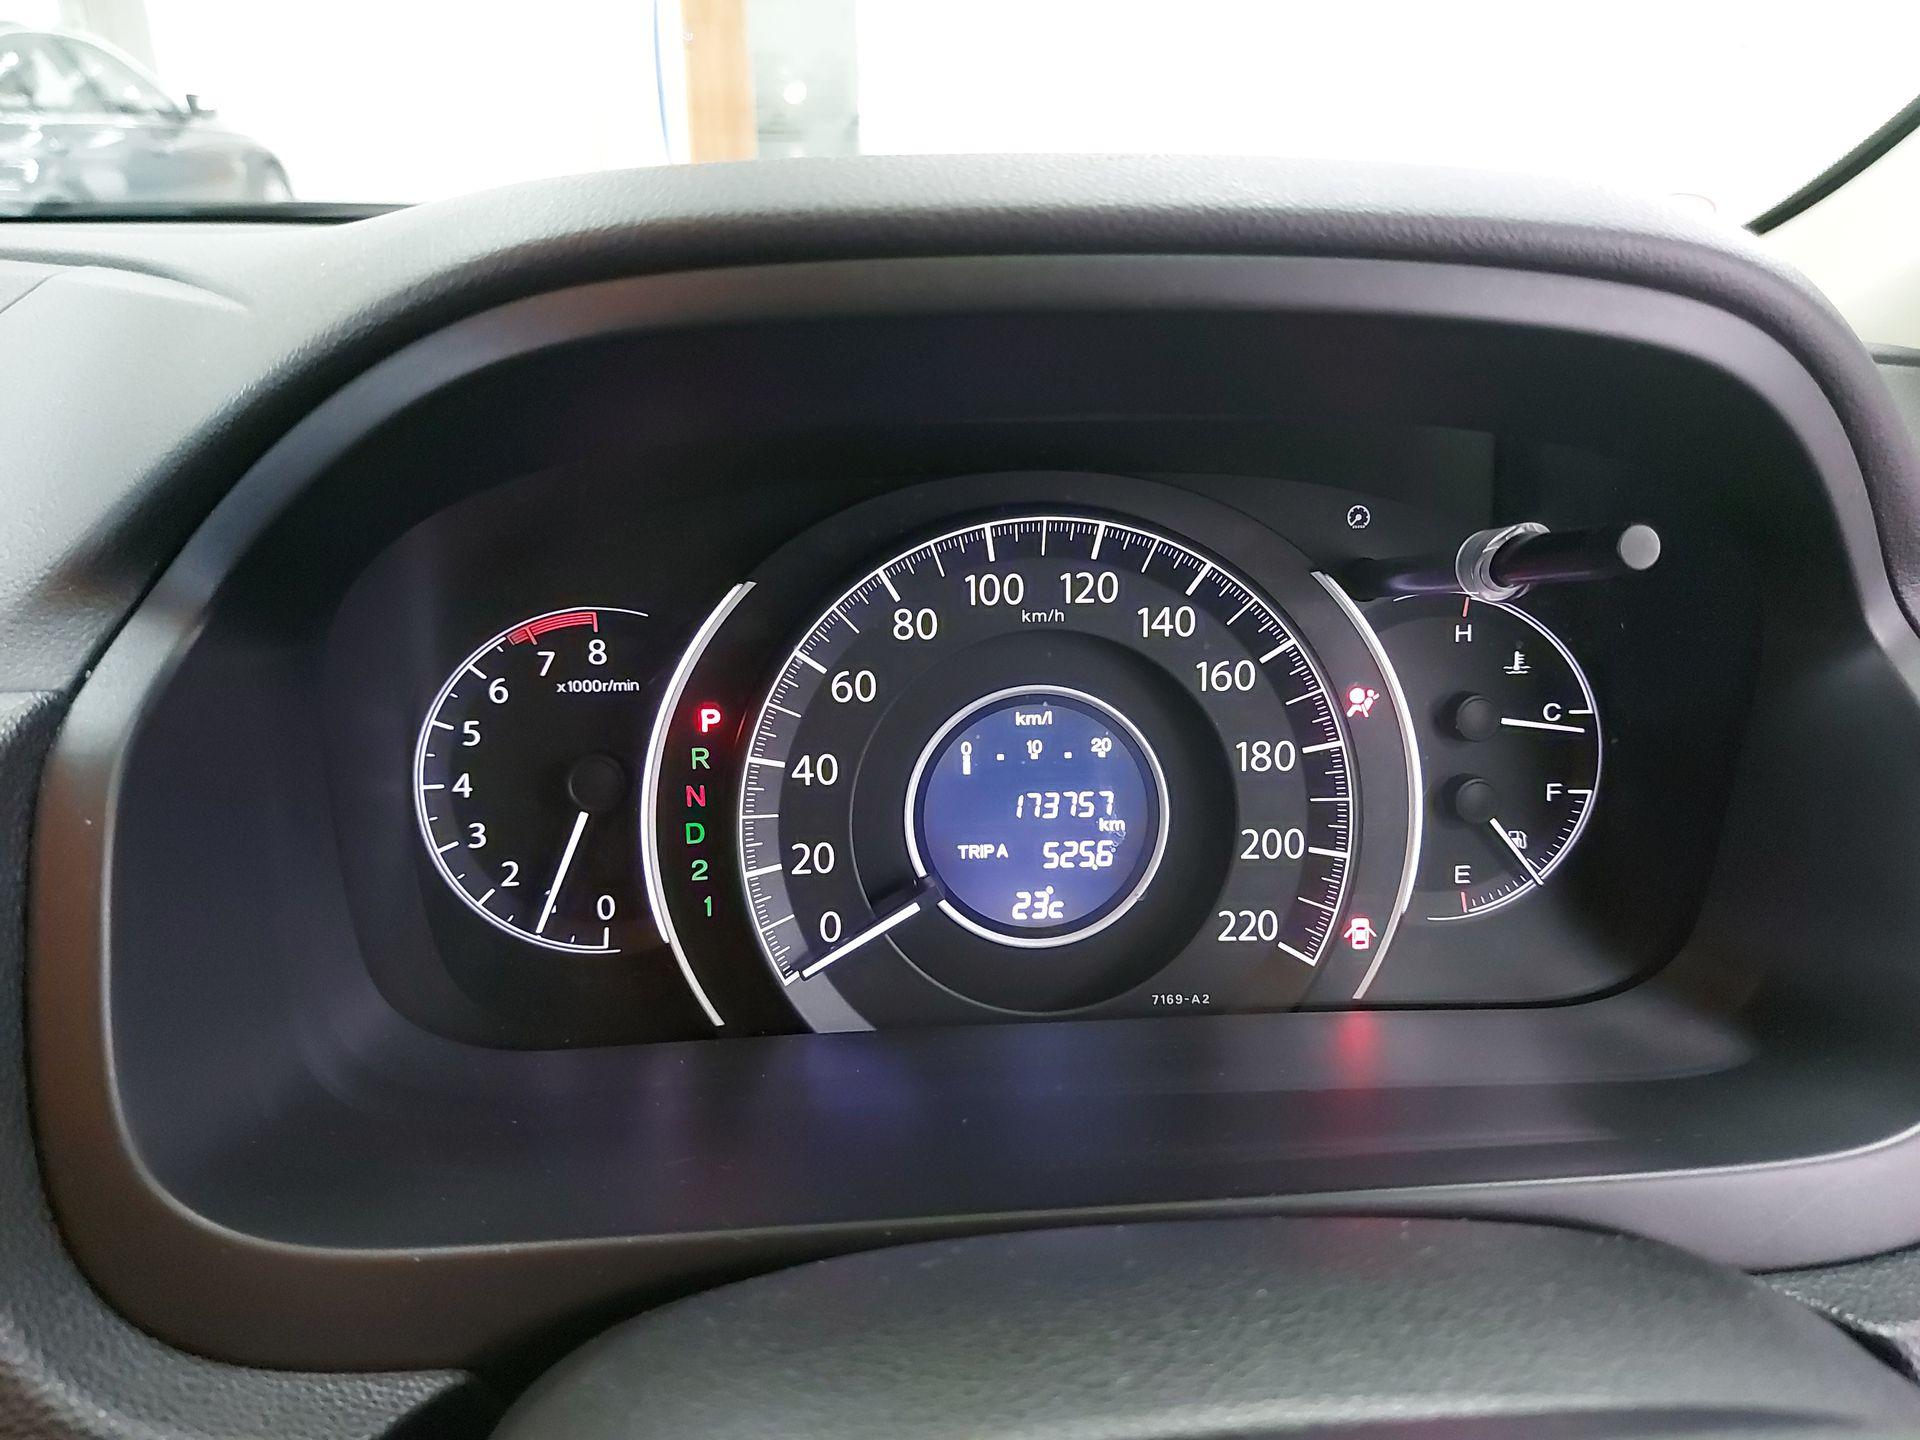 2015 Honda CR-V 2.0L I-Vtec (A)